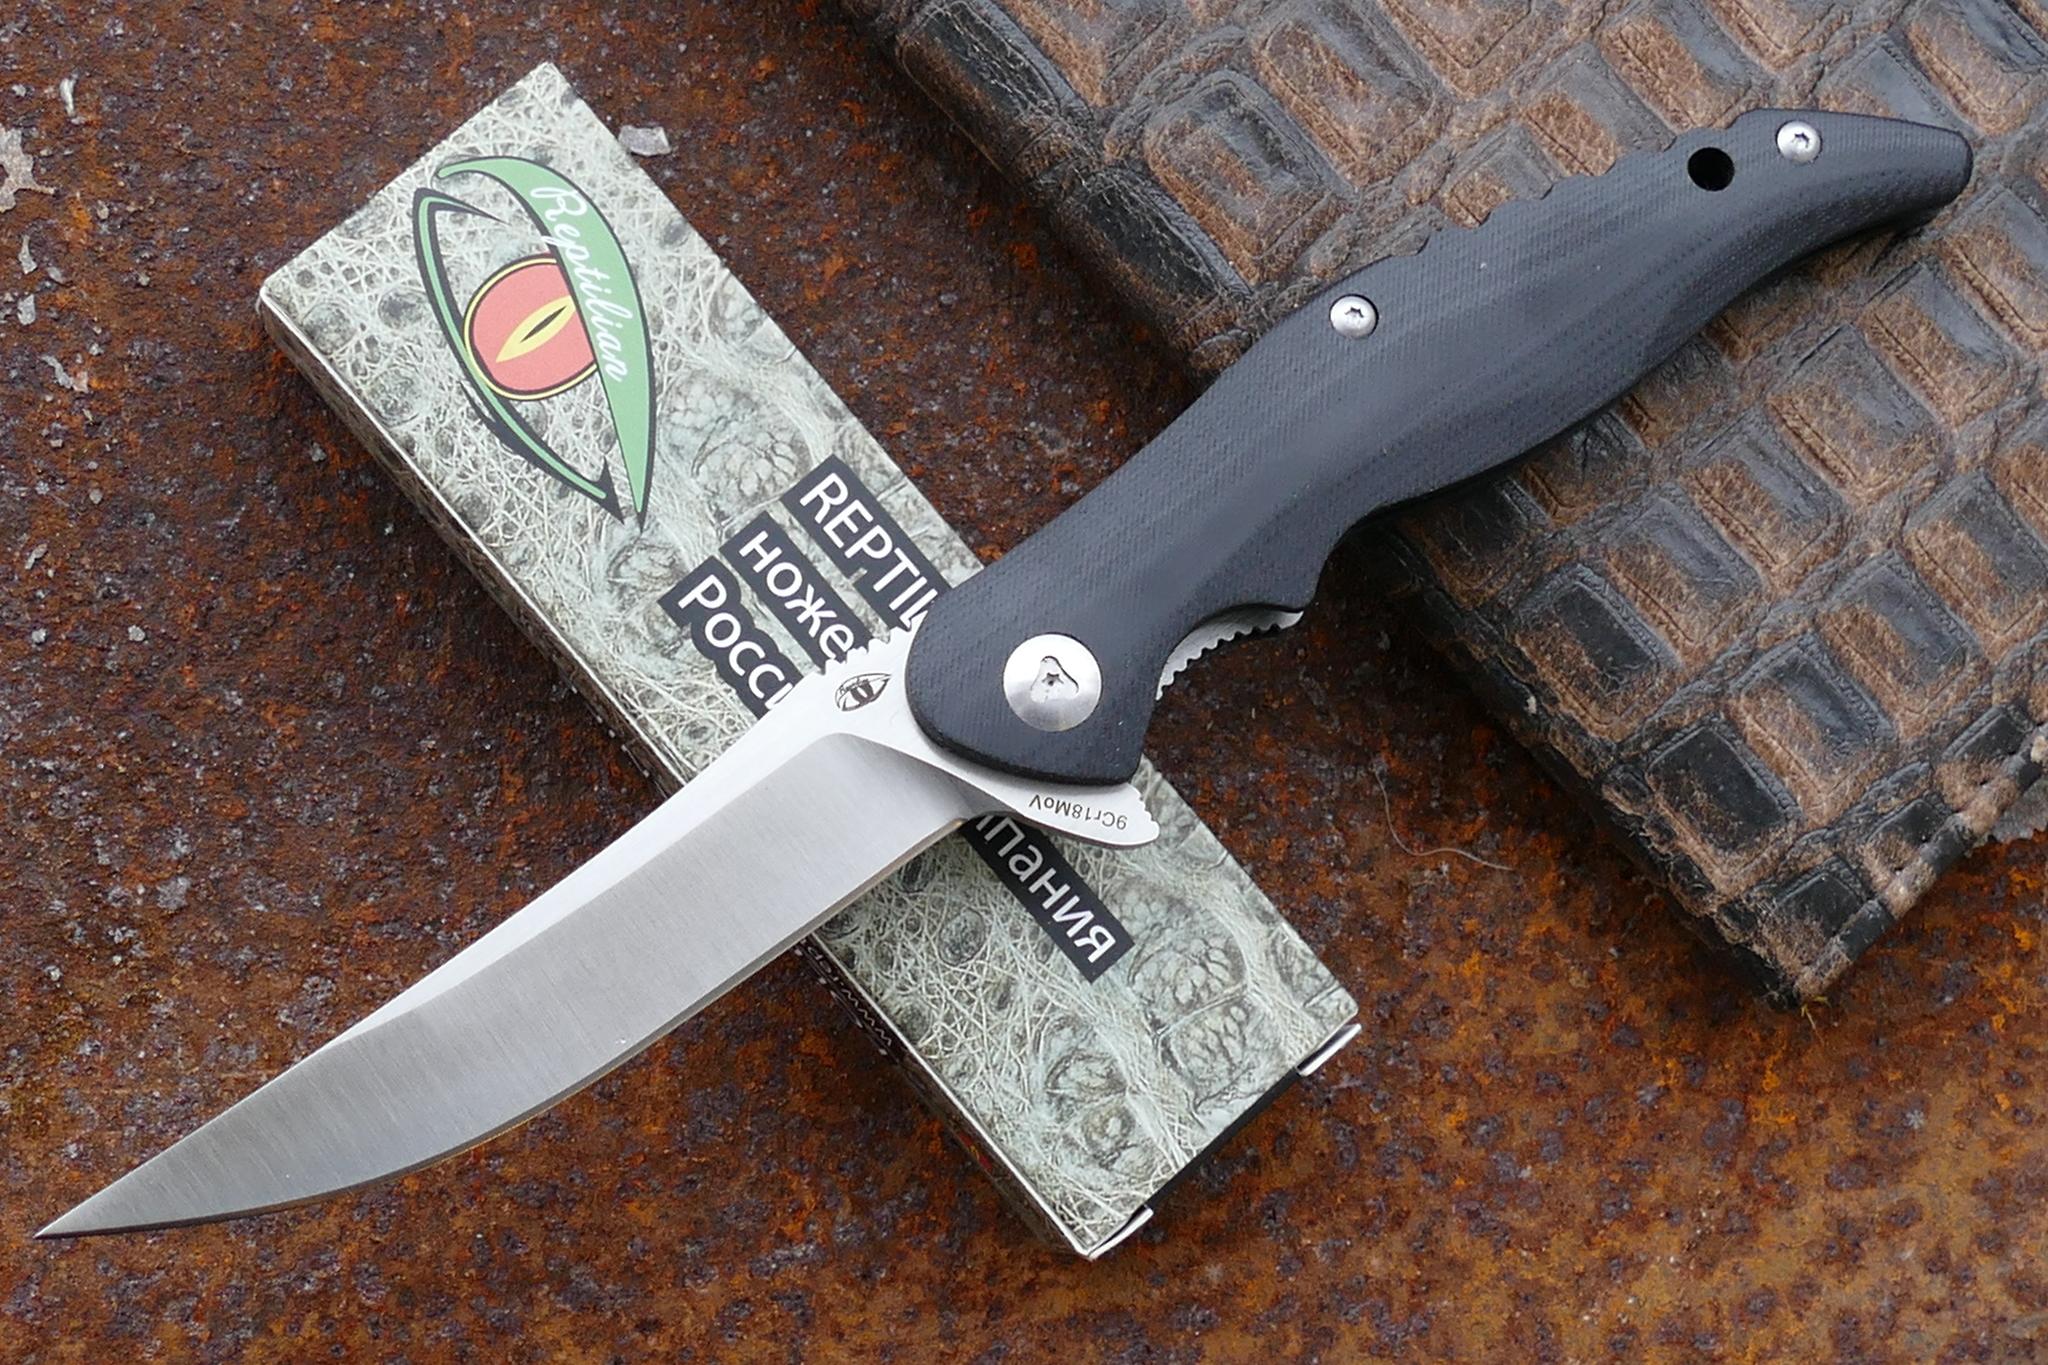 Нож Reptilian ГрандРаскладные ножи<br>марка стали: 9Cr18MoVтвёрдость: HRC57-58длина общая: 232ммдлина клинка: 100ммширина клинка наибольшая: 20ммтолщина обуха: 3.5ммвес: 98.3гртип замка: liner lockМеханизм открытия: IKBS (шарикоподшипниковая система)каждый нож имеет свой номер<br>